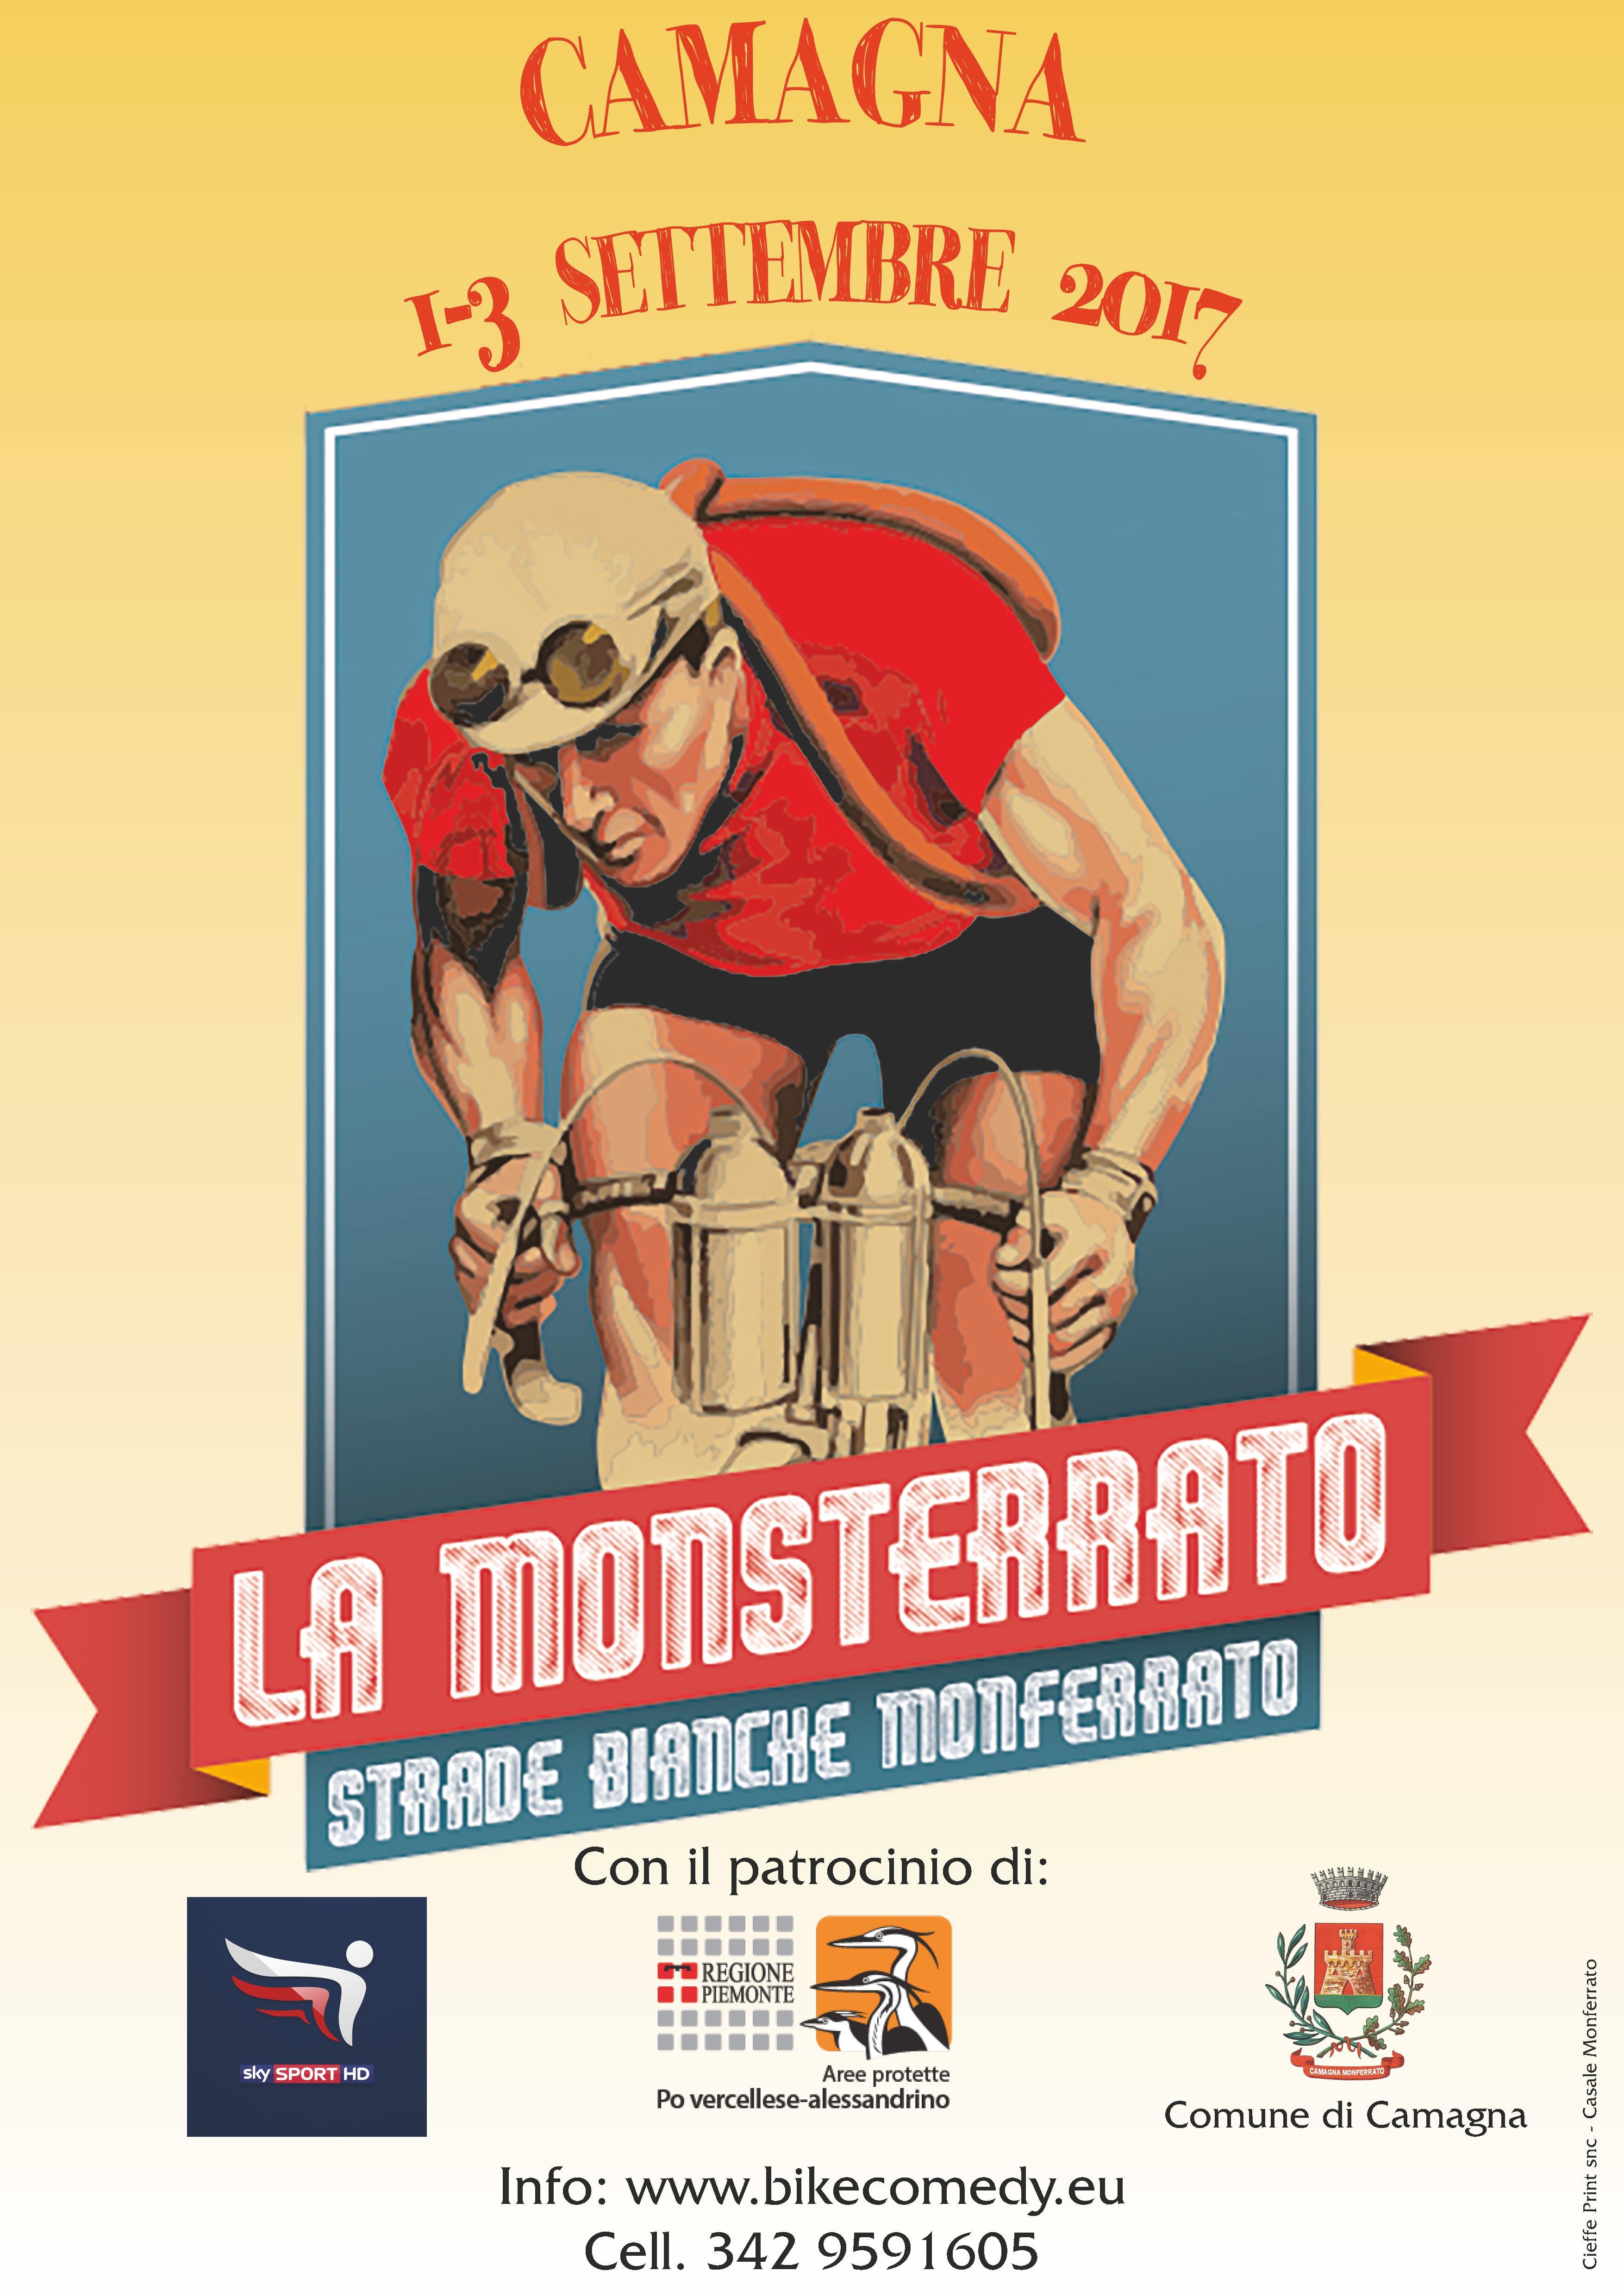 La Monsterrato-Strade Bianche: Percorso Girardengo, 140 km per moderni pionieri del ciclismo